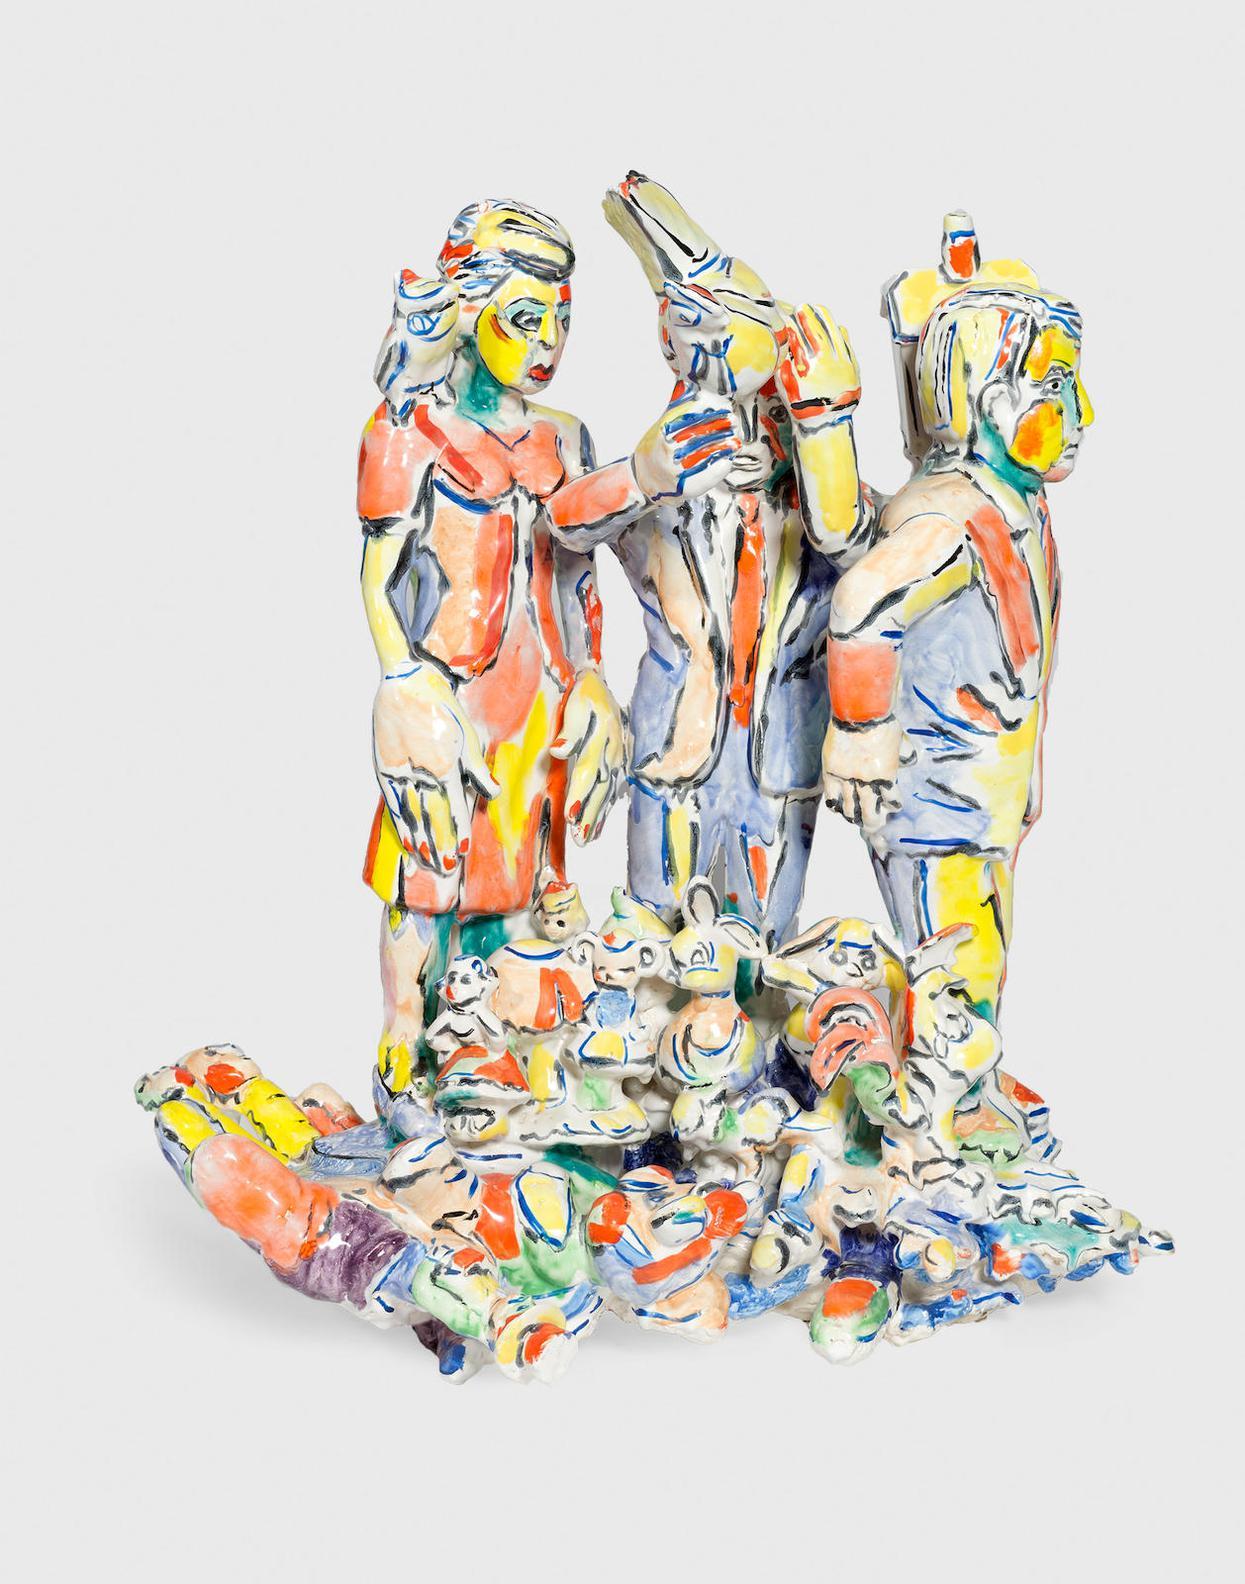 Viola Frey-Untitled-1995